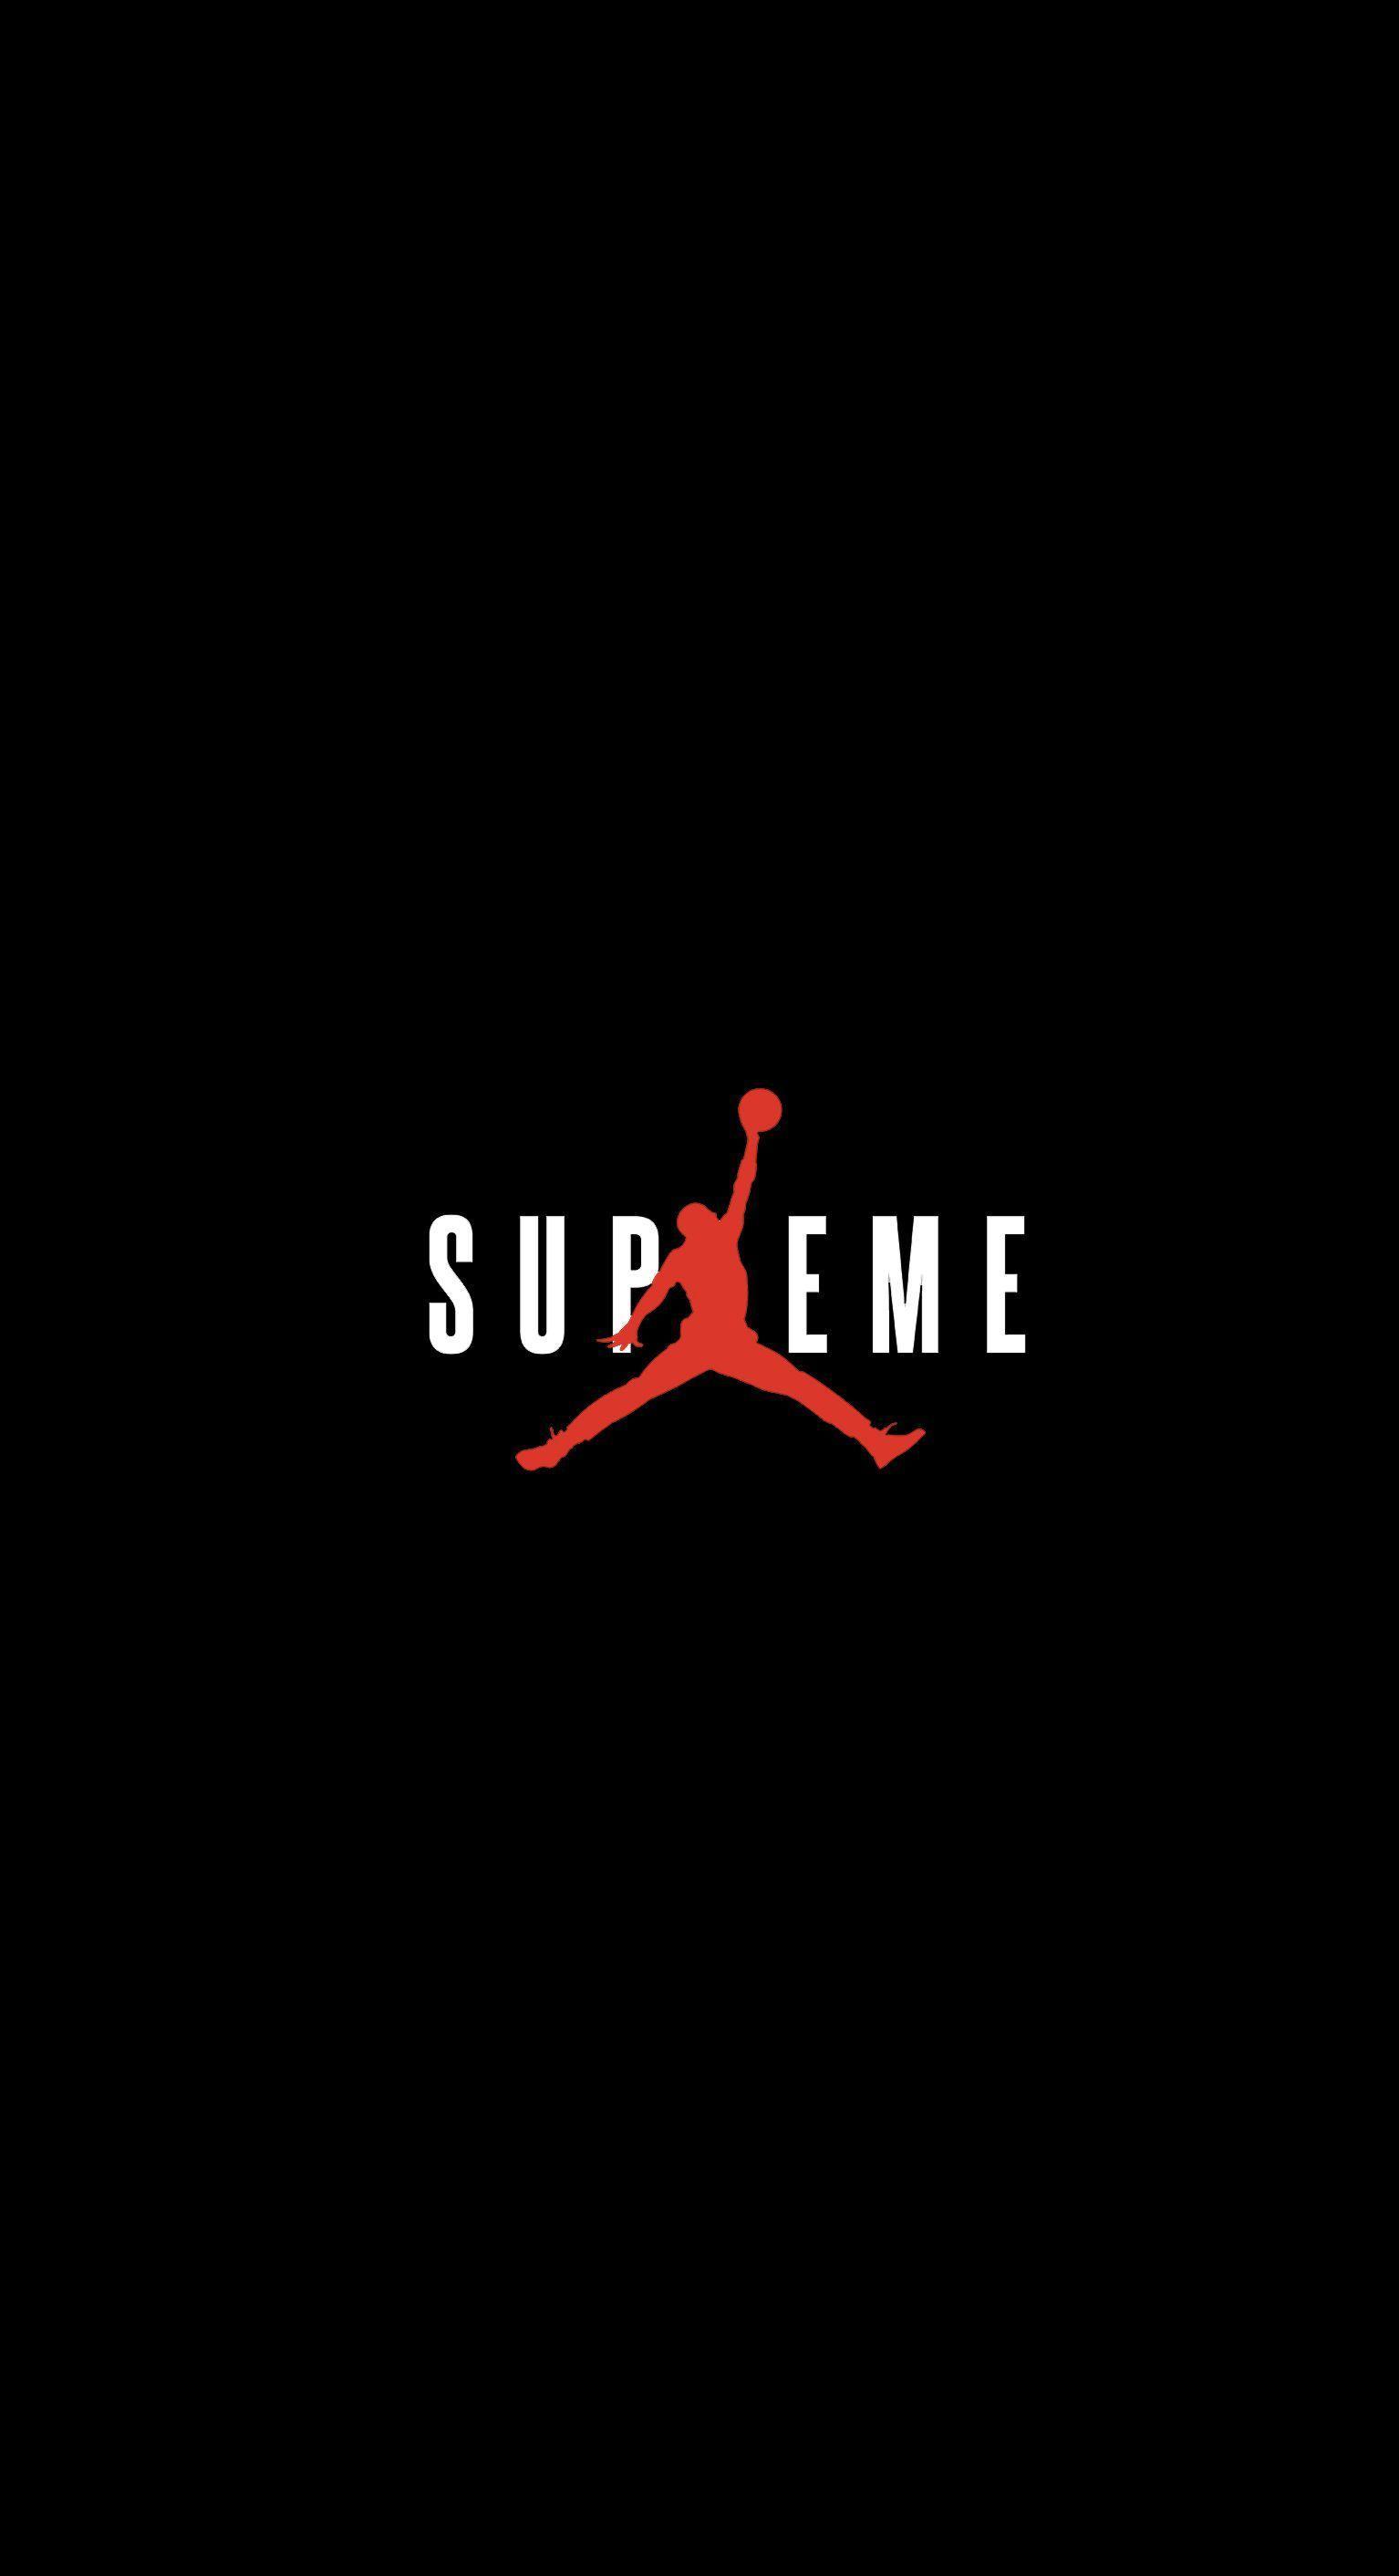 Supreme Jordan Wallpapers Top Free Supreme Jordan